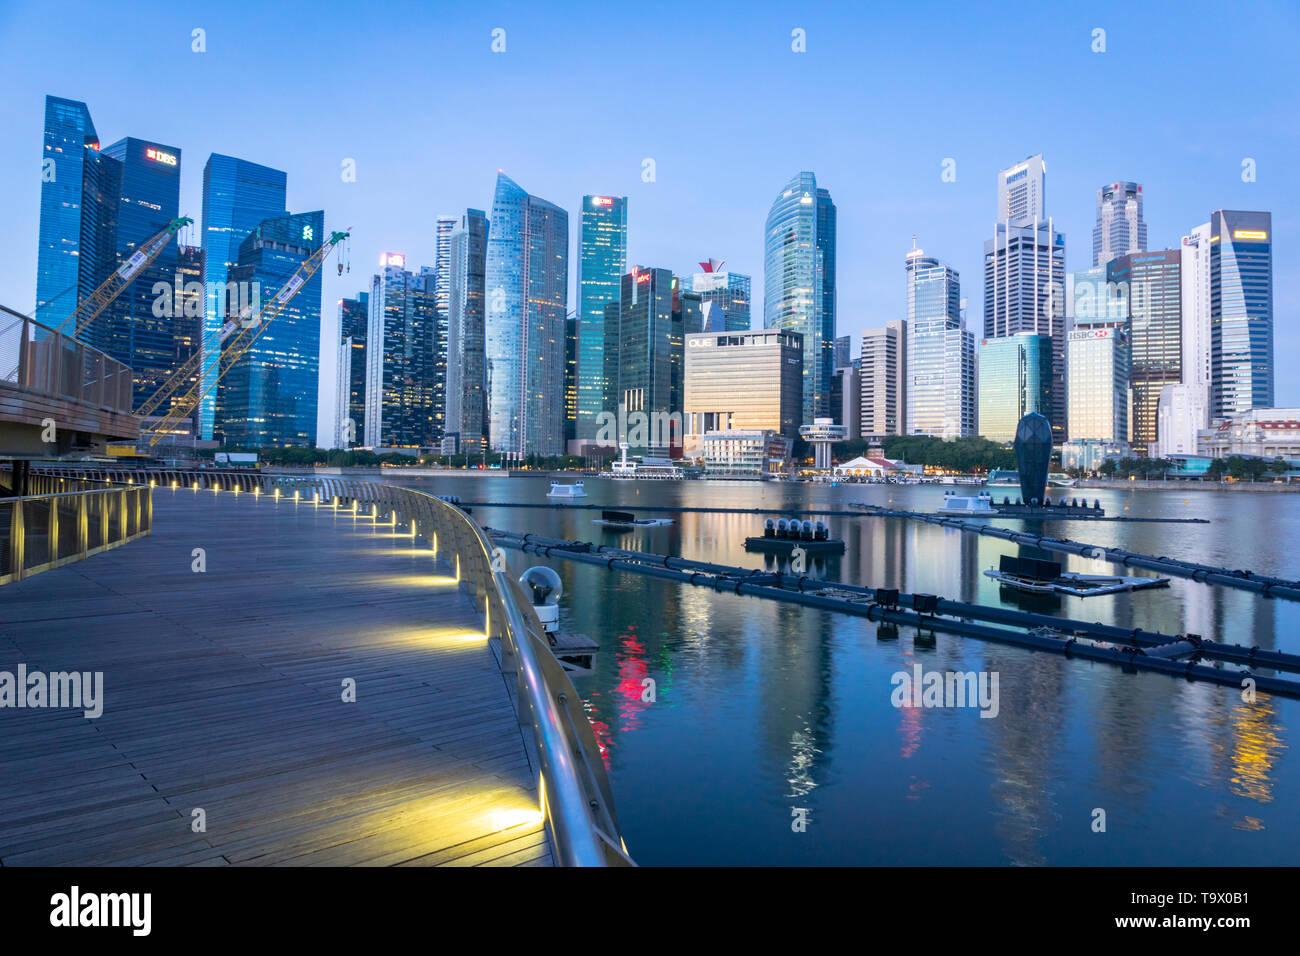 Singapore - Gennaio 2019: Singapore skyline Marina Bay area di San. Singapore centro città CBD waterfront è una zona popolare per visitatori e turisti. Foto Stock